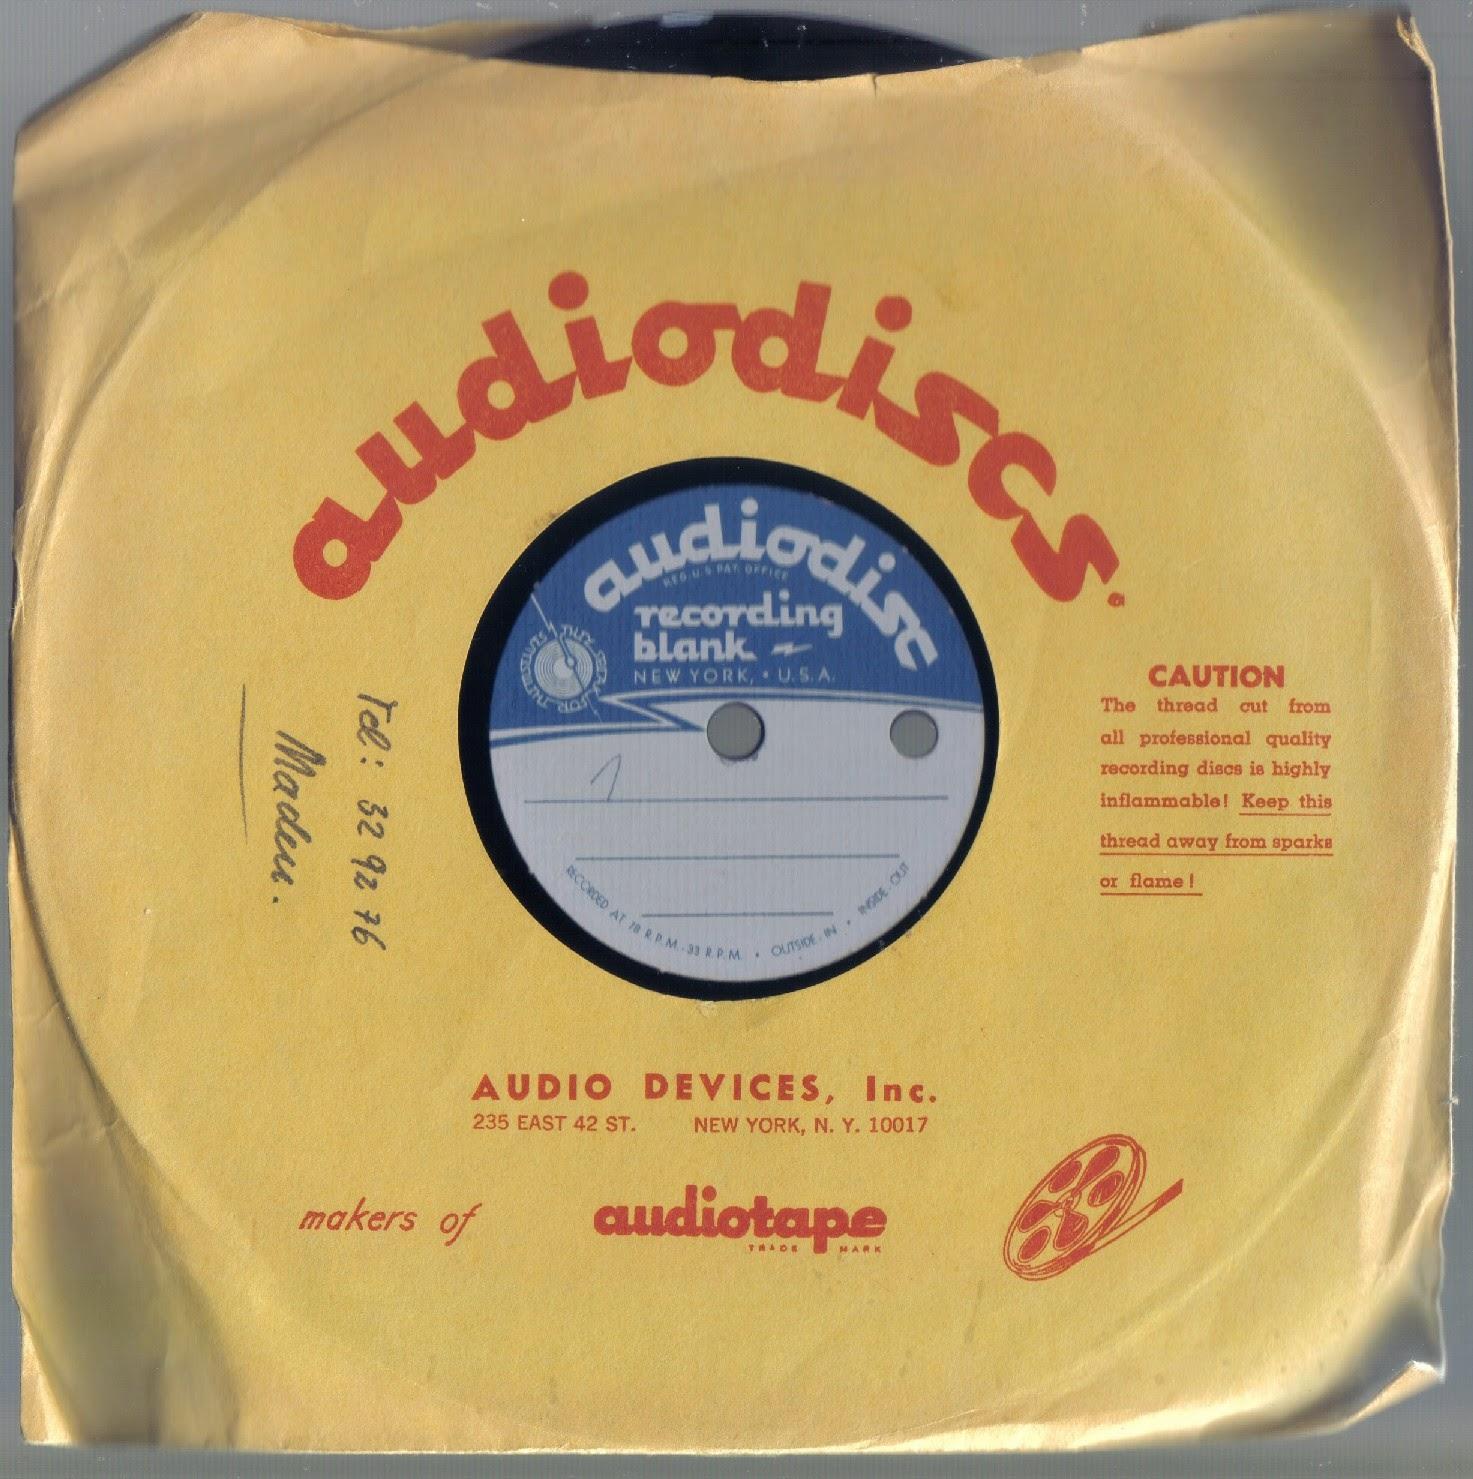 audiodisc.jpg